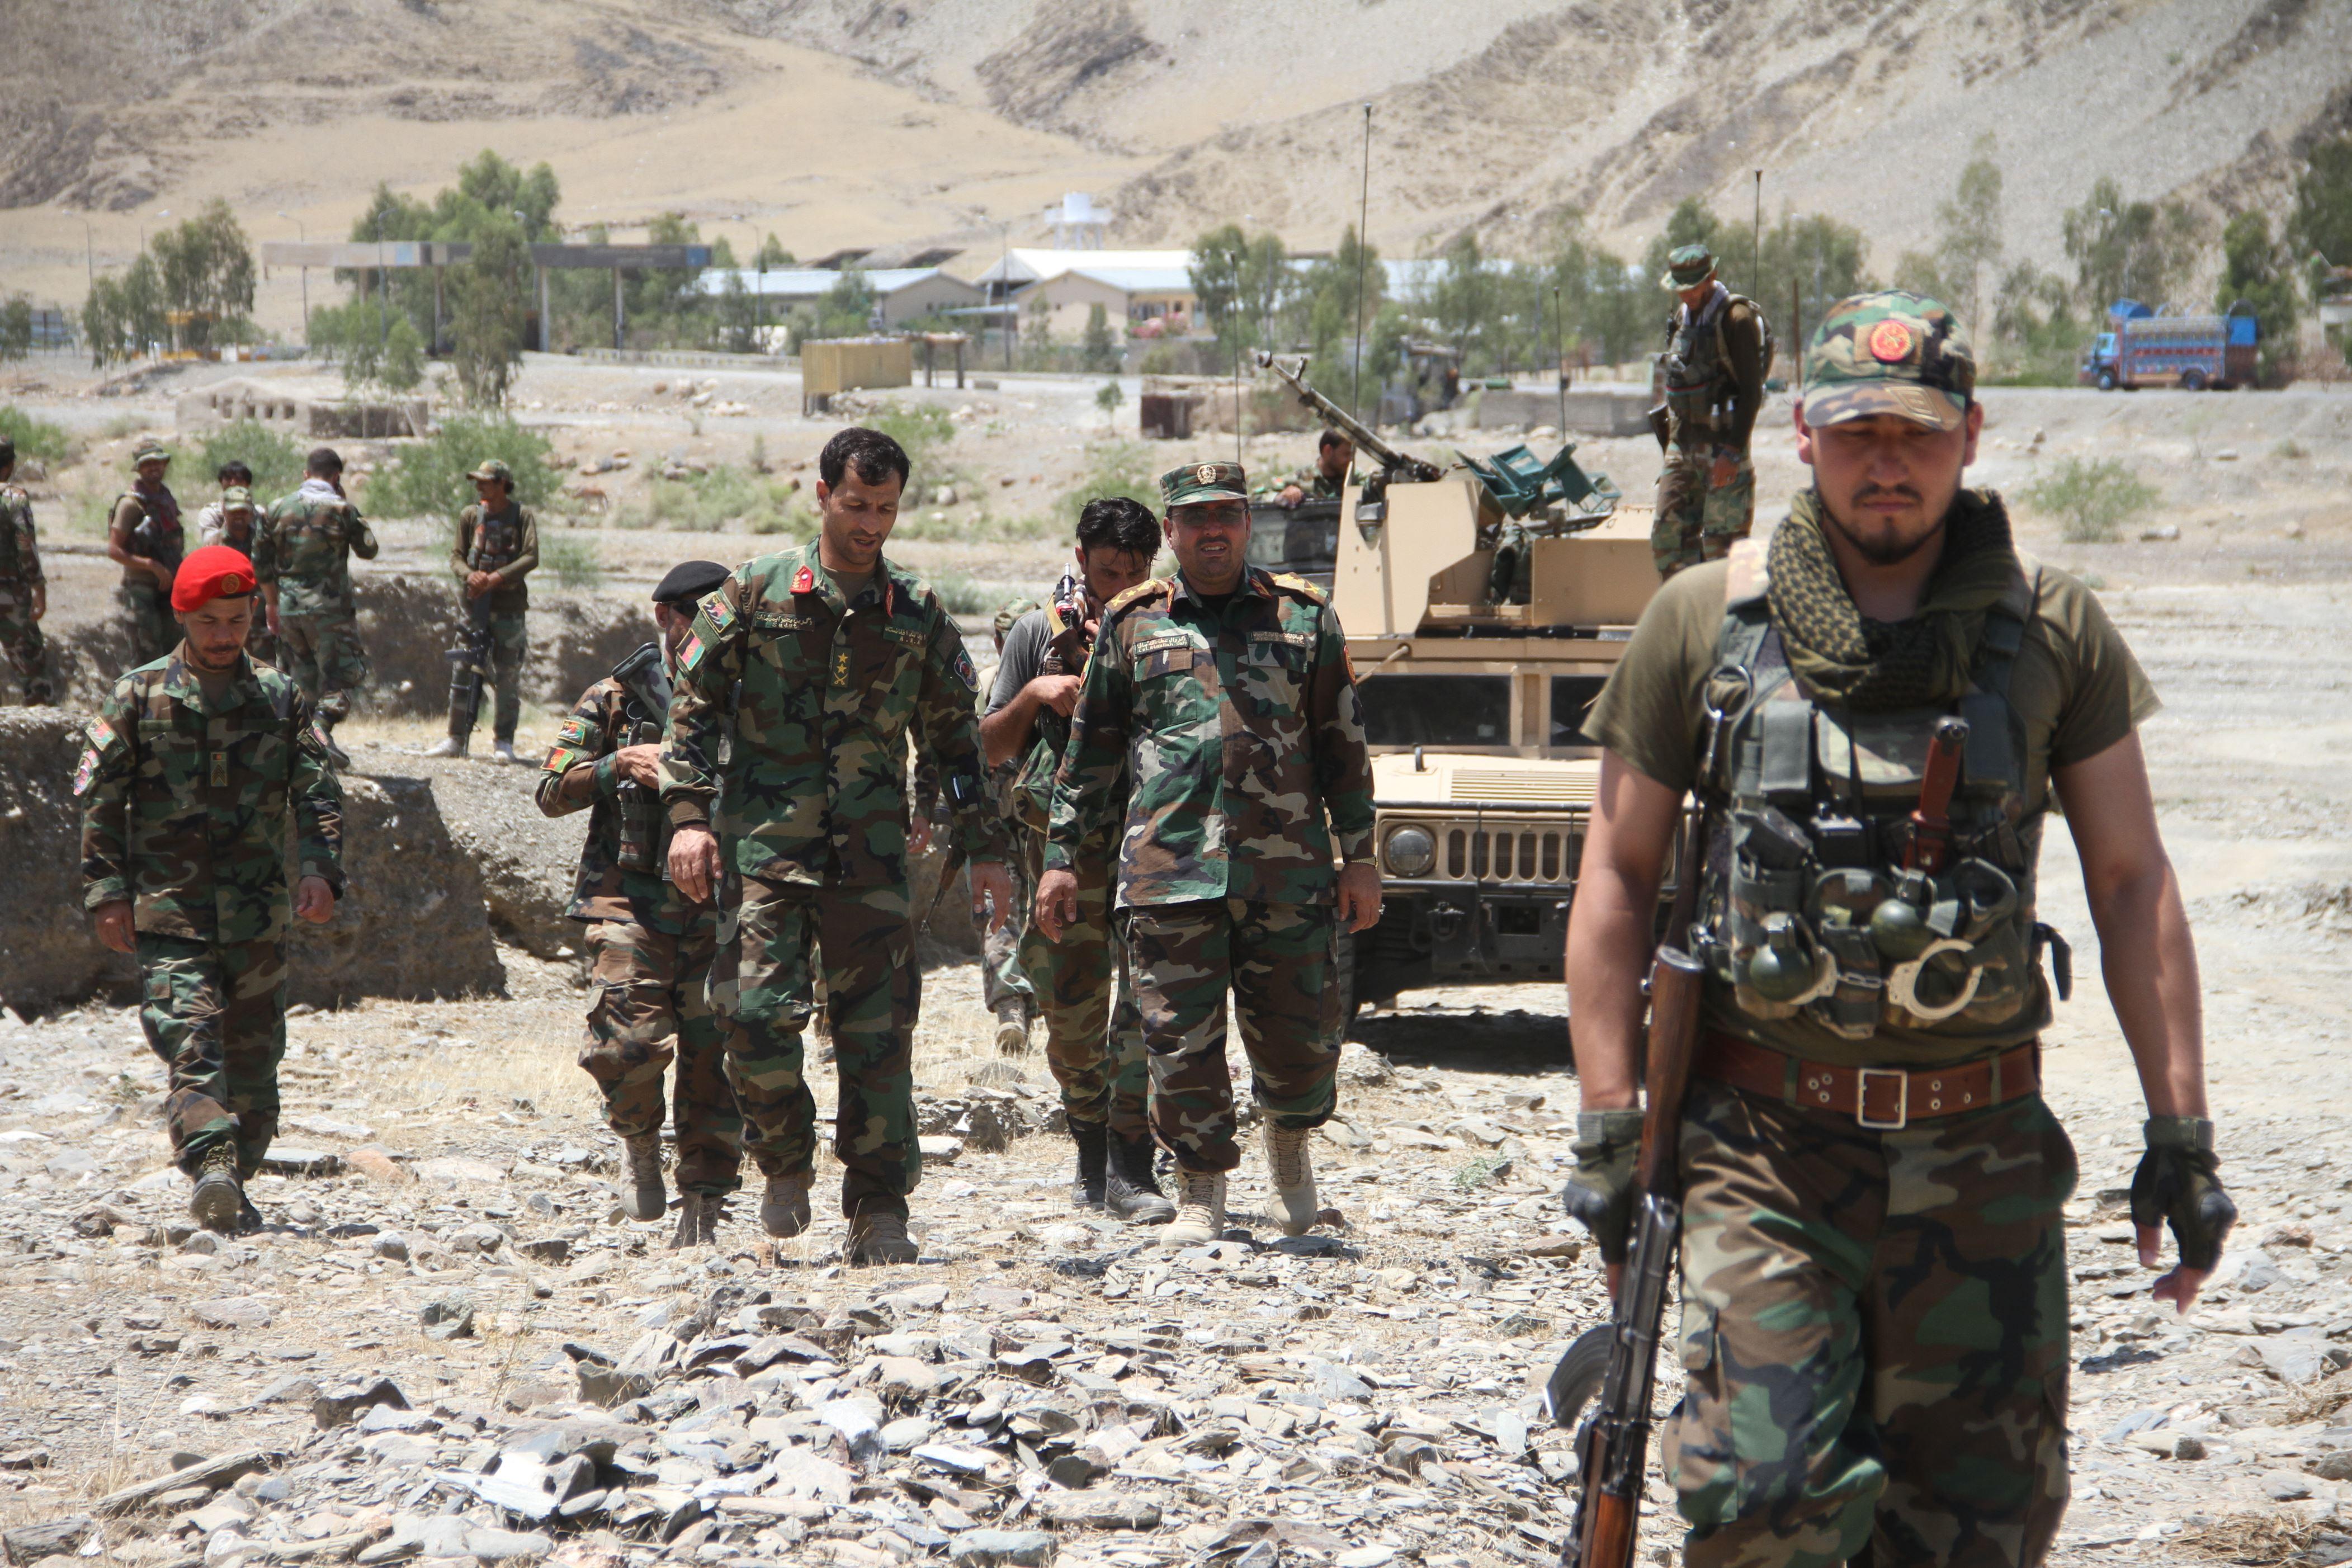 塔利班展開報復 美軍阿富汗口譯員慘遭斬首